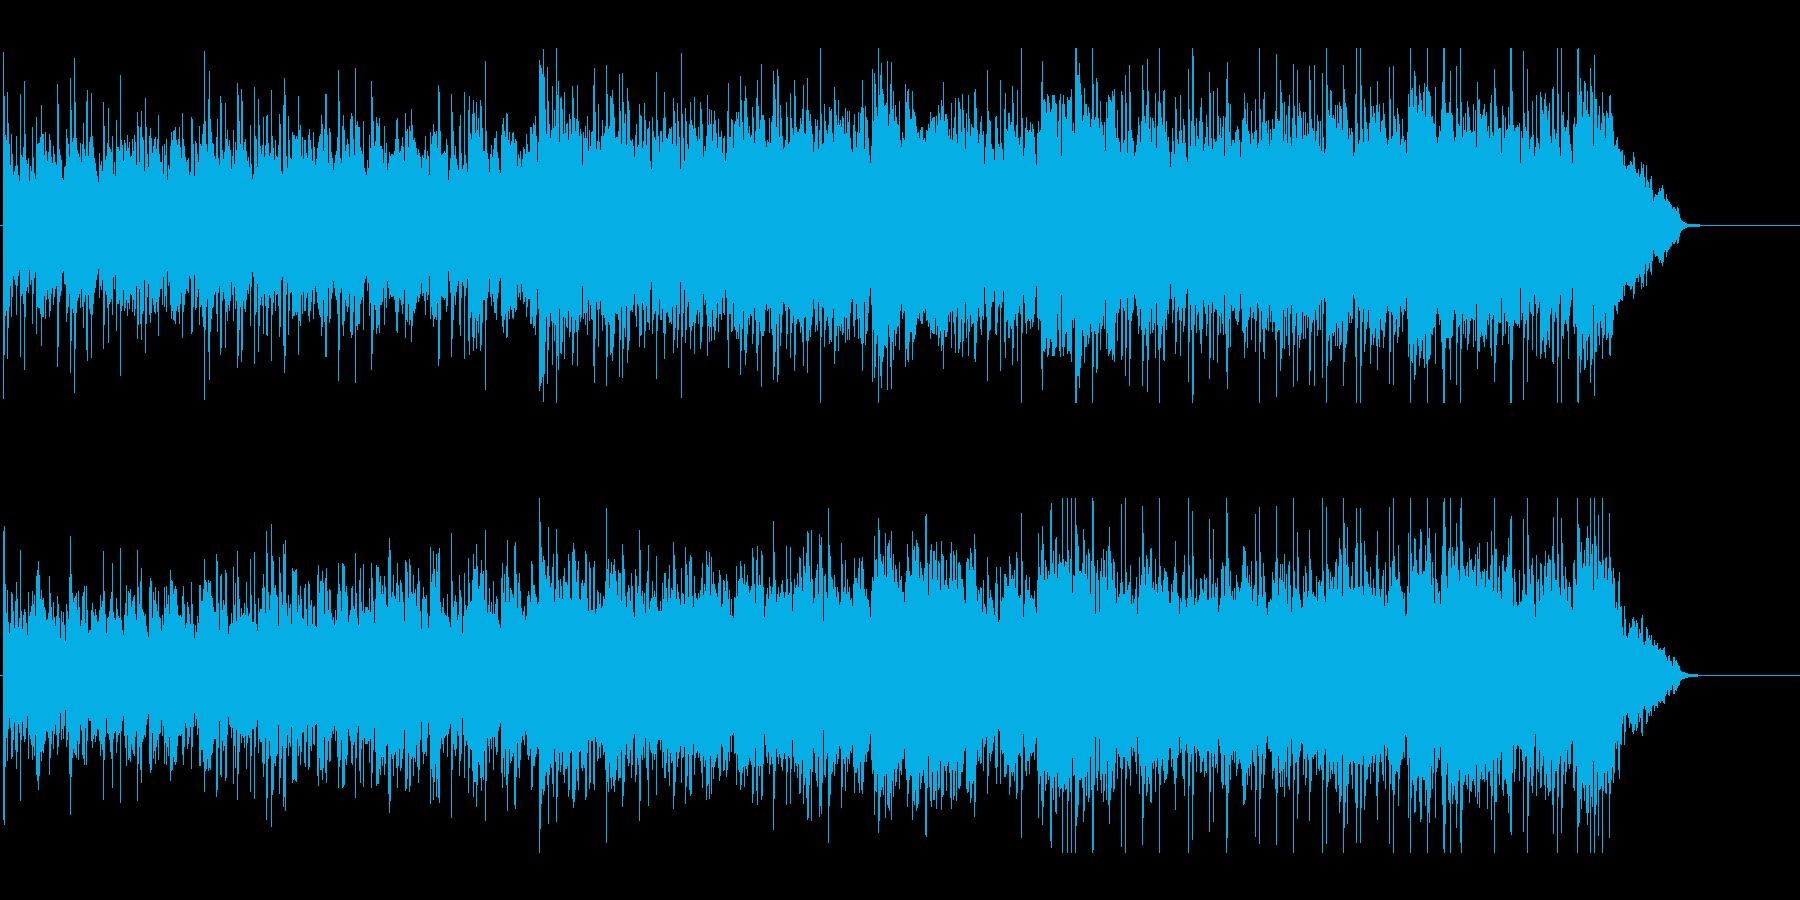 不穏で寂しげなワールドミュージックの再生済みの波形